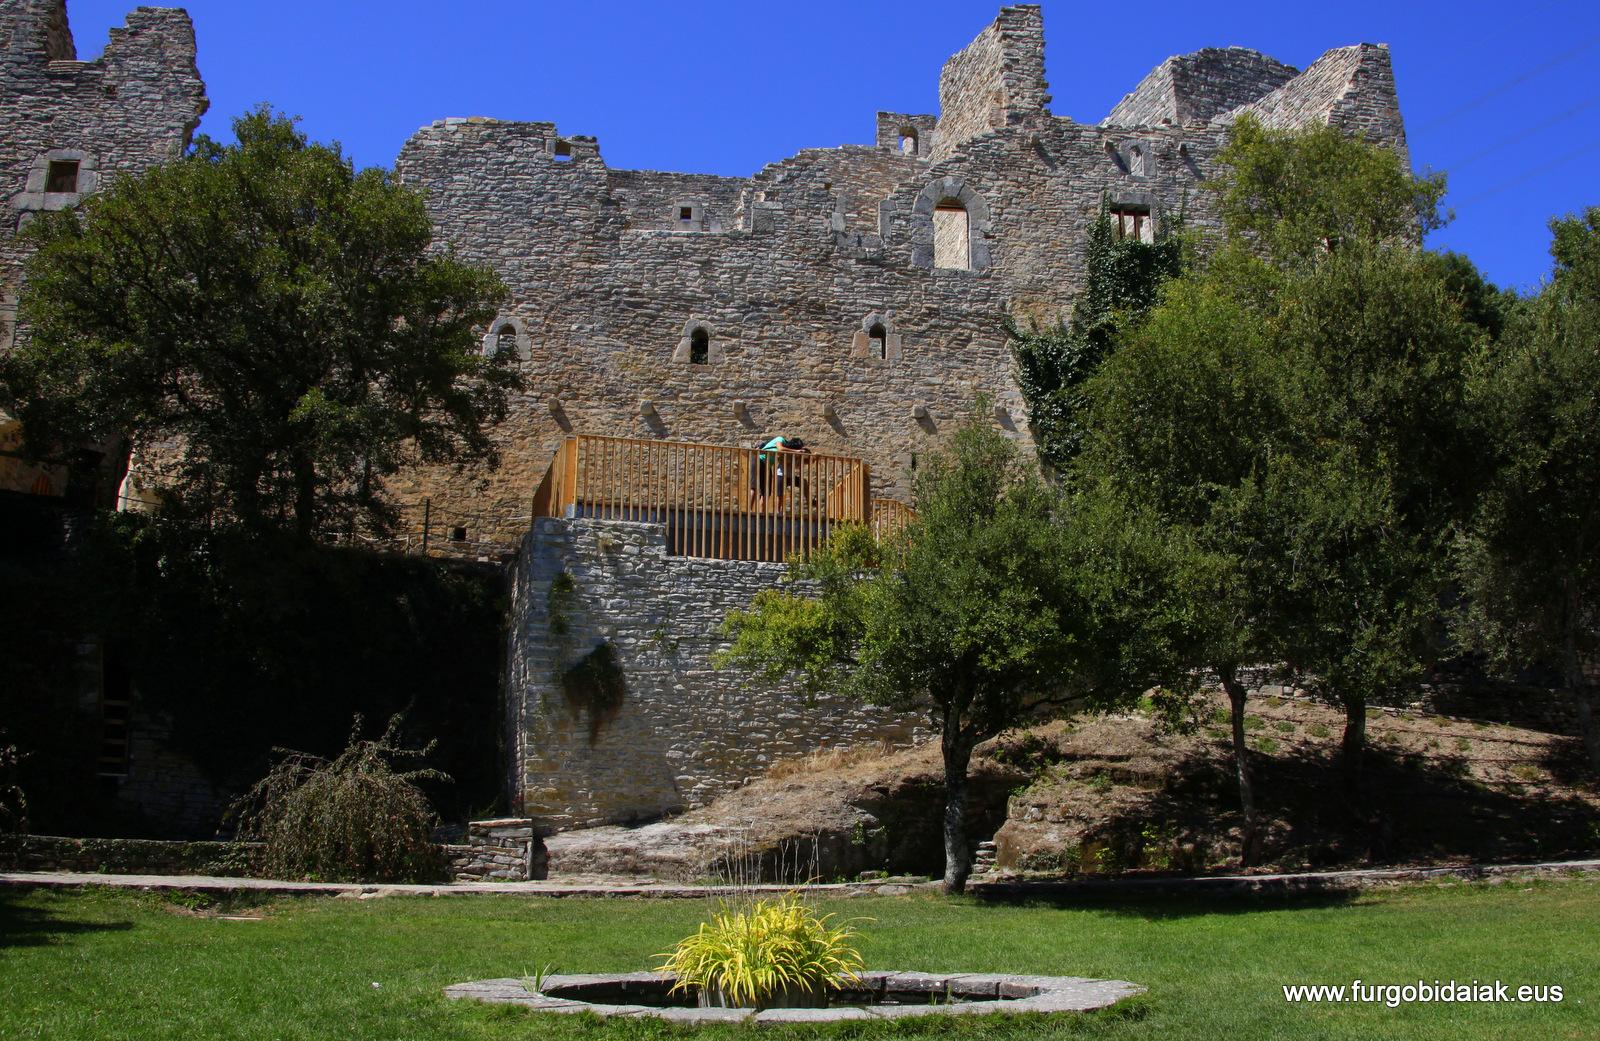 Jardín botánico Santa Catalina de Badaia, restos del convento